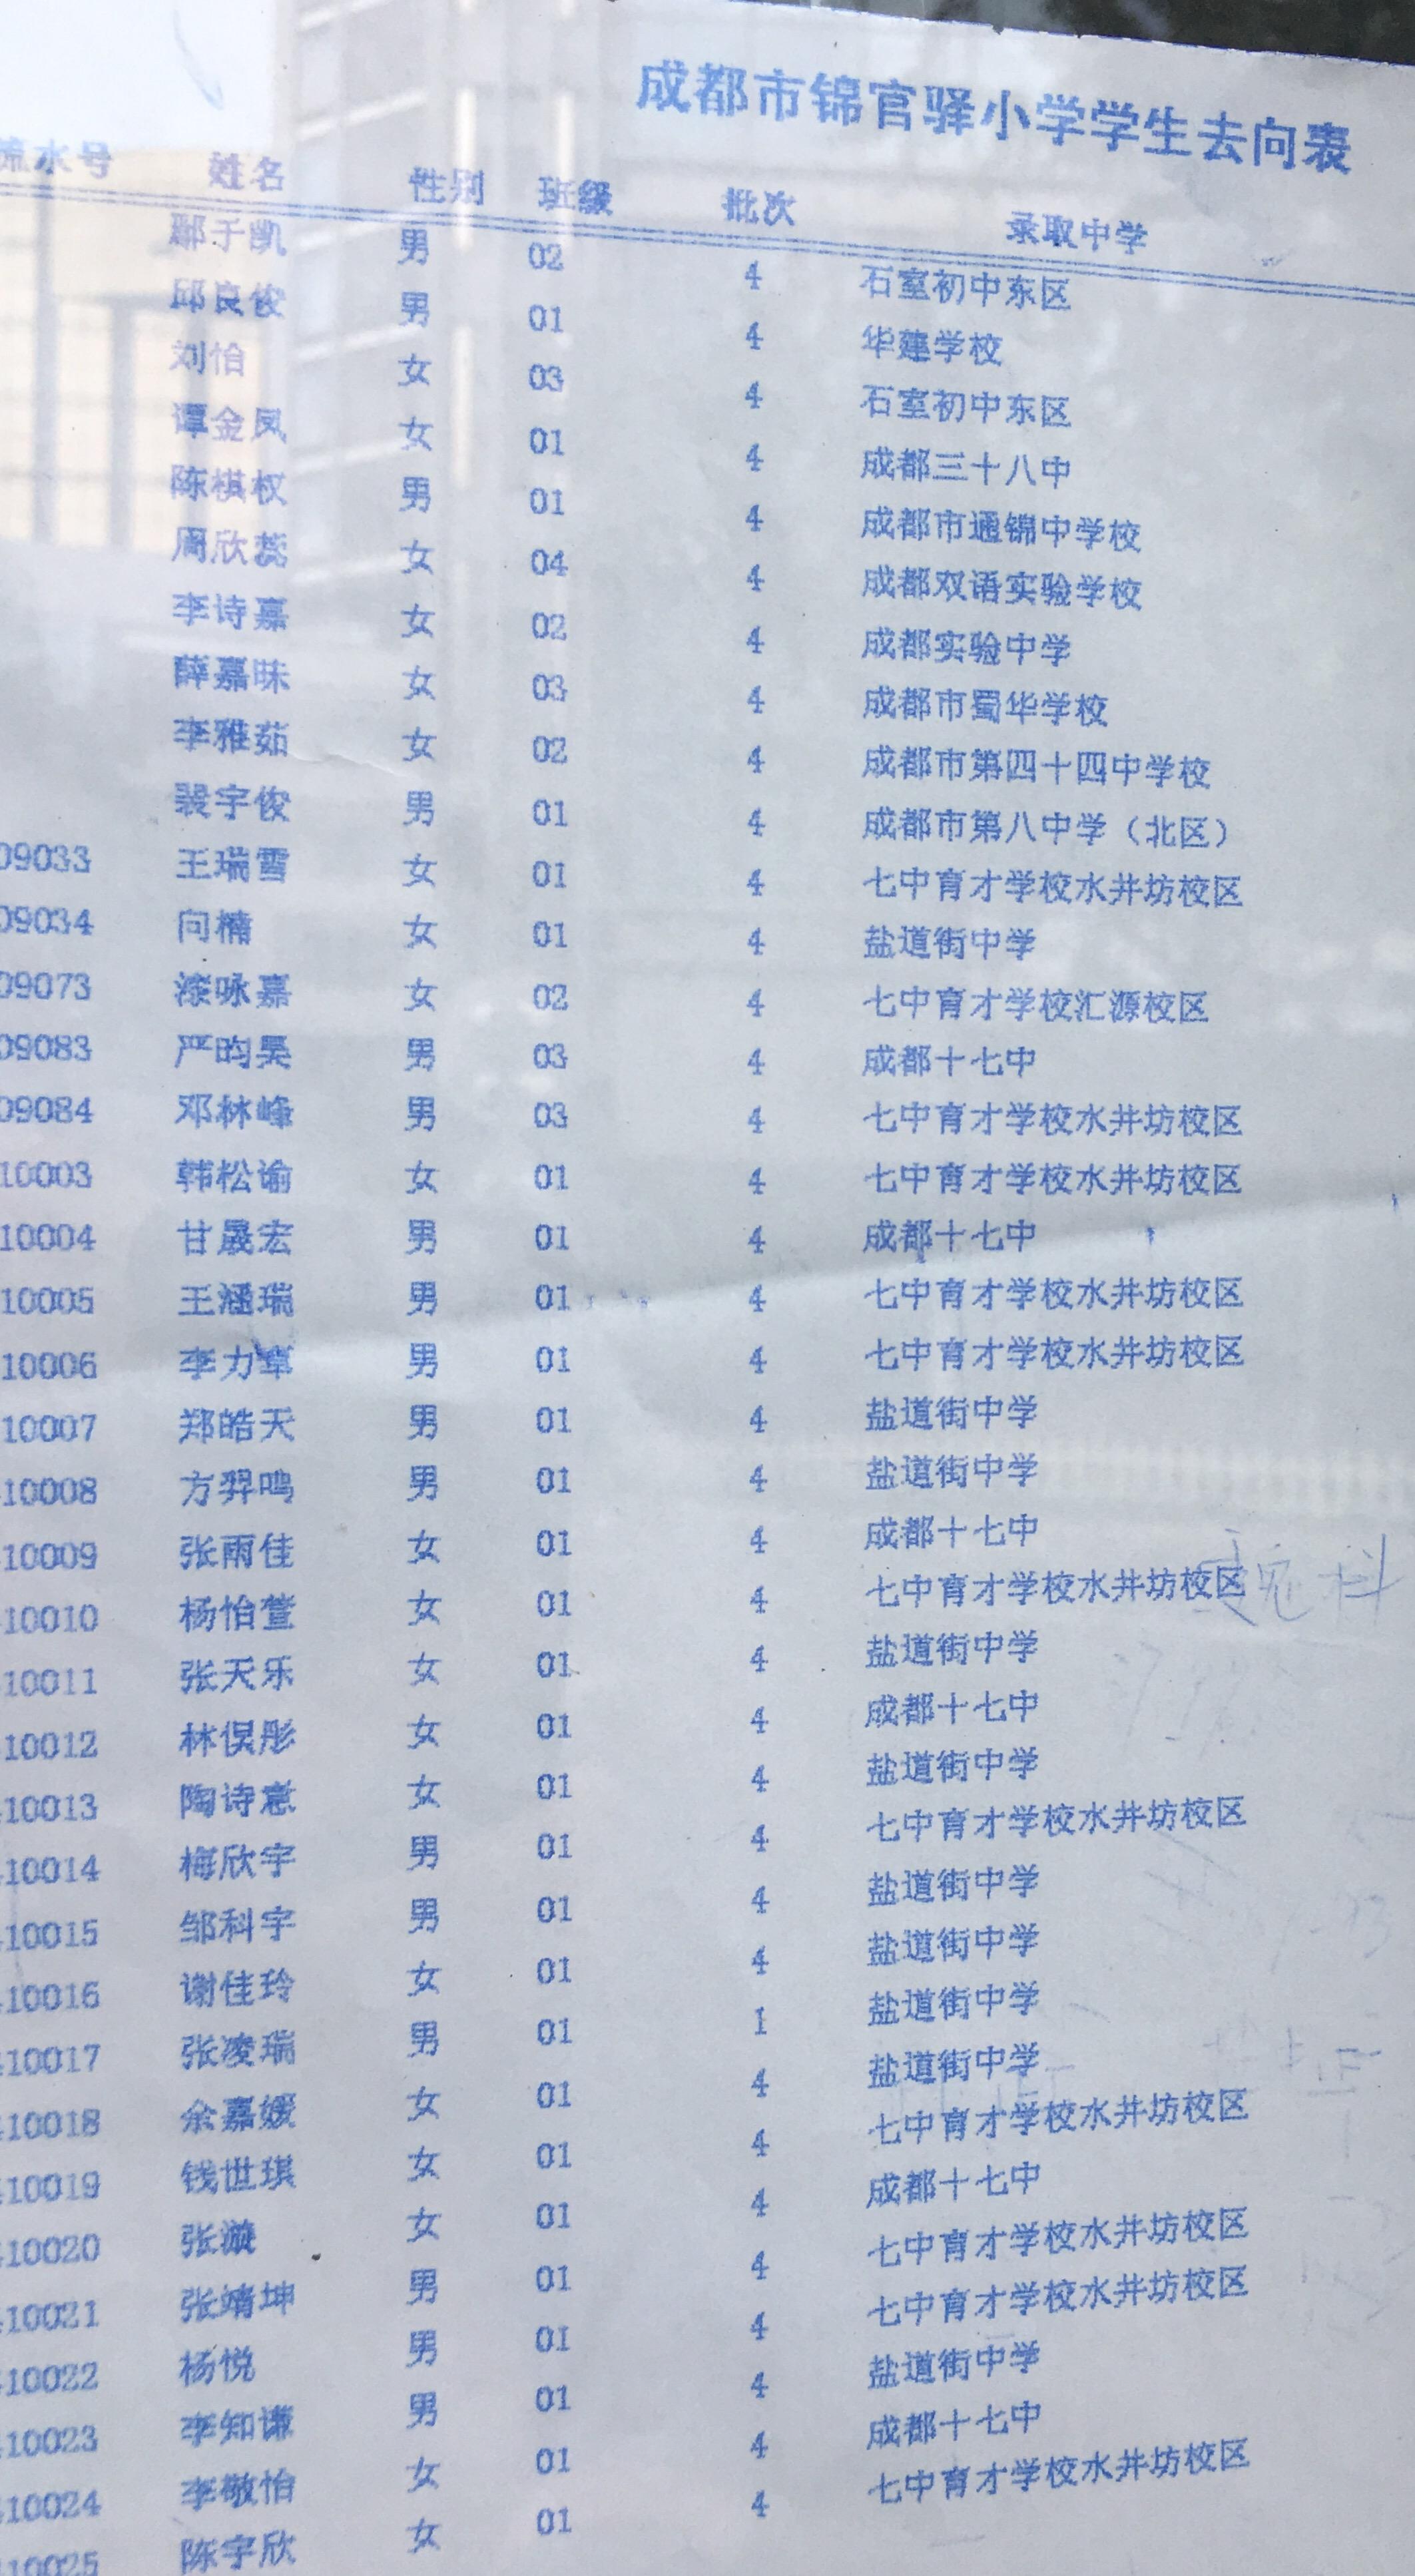 C6A4C43B-0975-4080-A6A8-58A5132DAA52.jpg